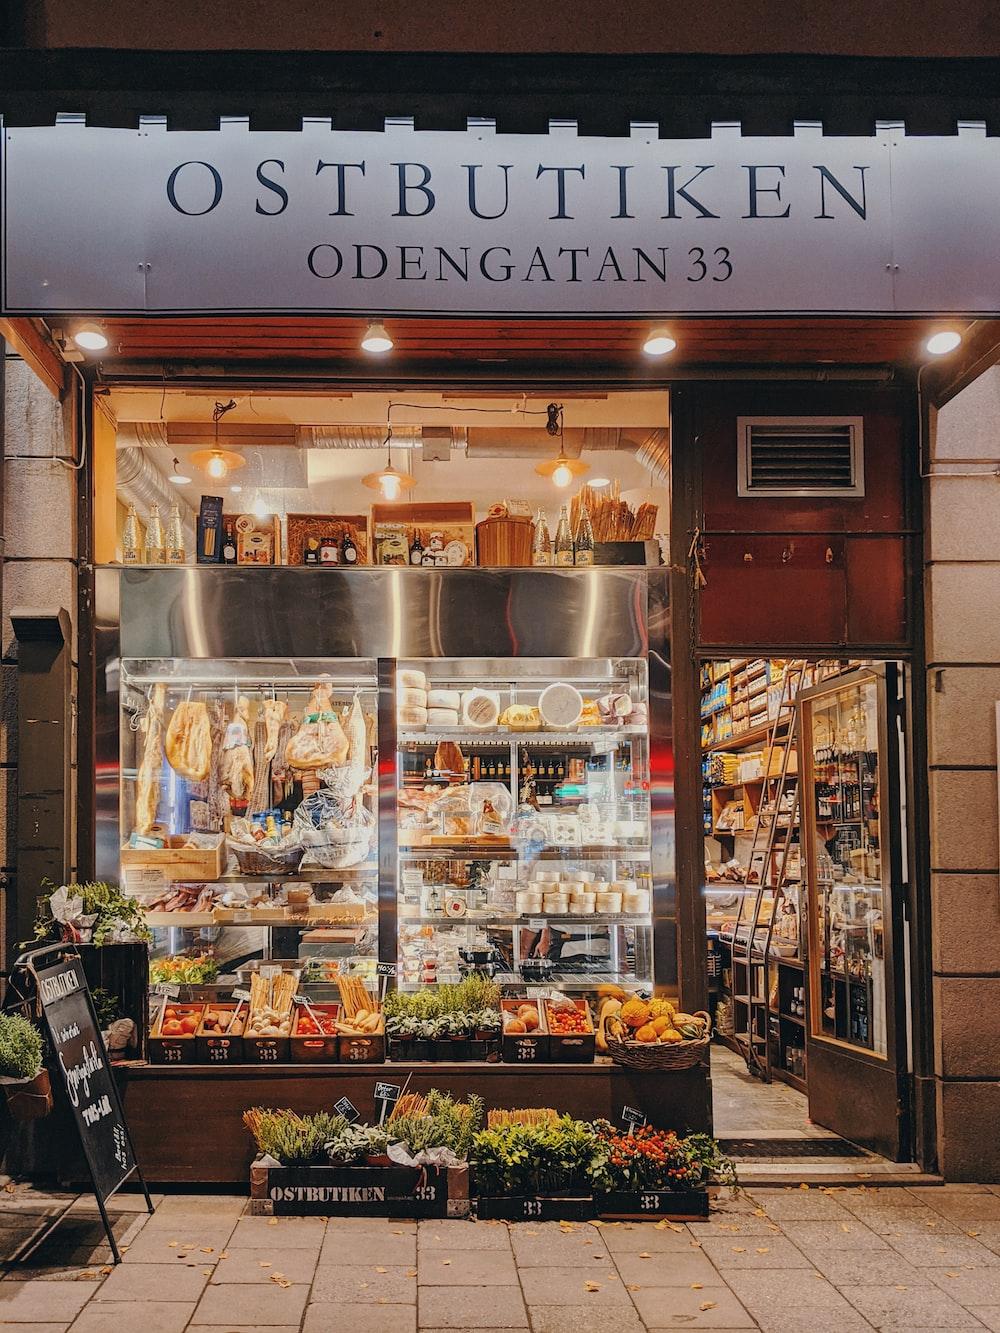 Ostbutiken store front